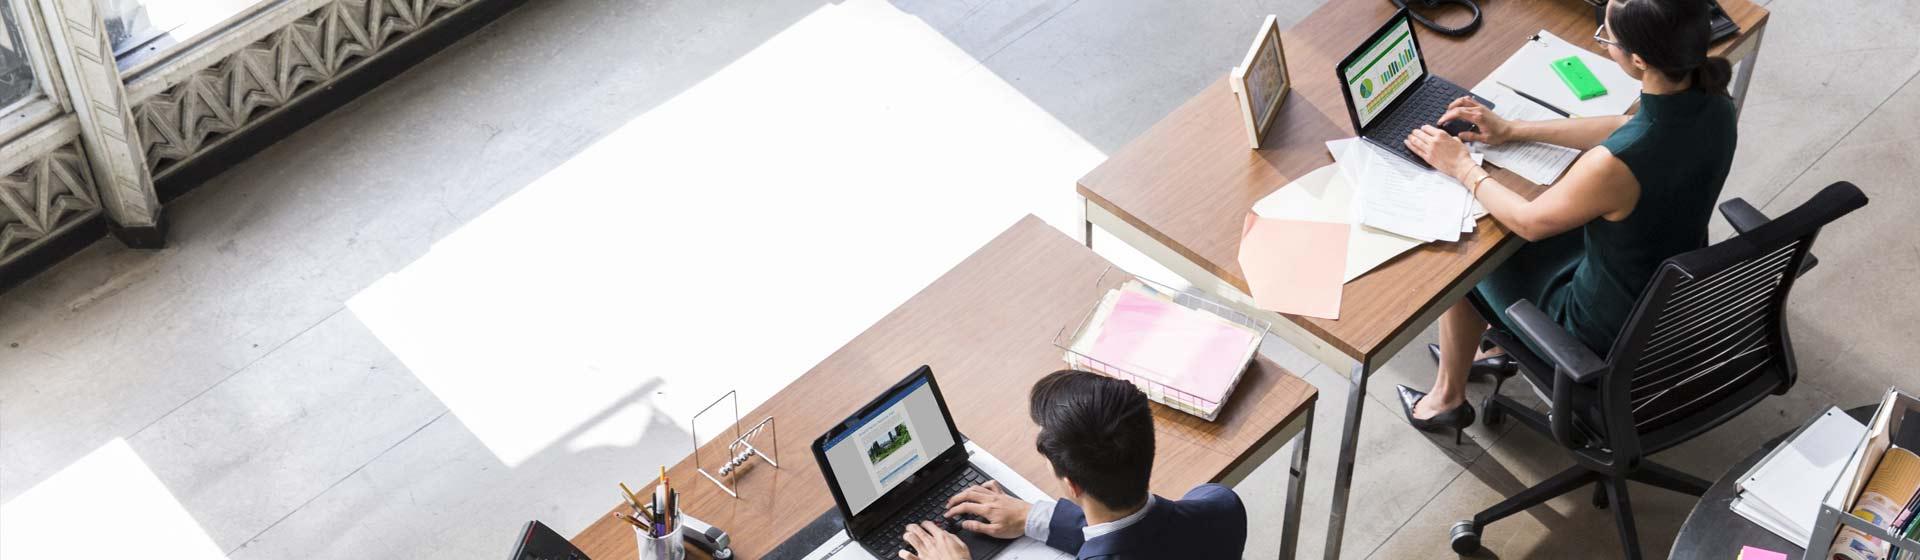 คุ้มค่ายิ่งขึ้น ด้วยการอัปเกรดจาก Office 2013 เป็น Office 365 วันนี้